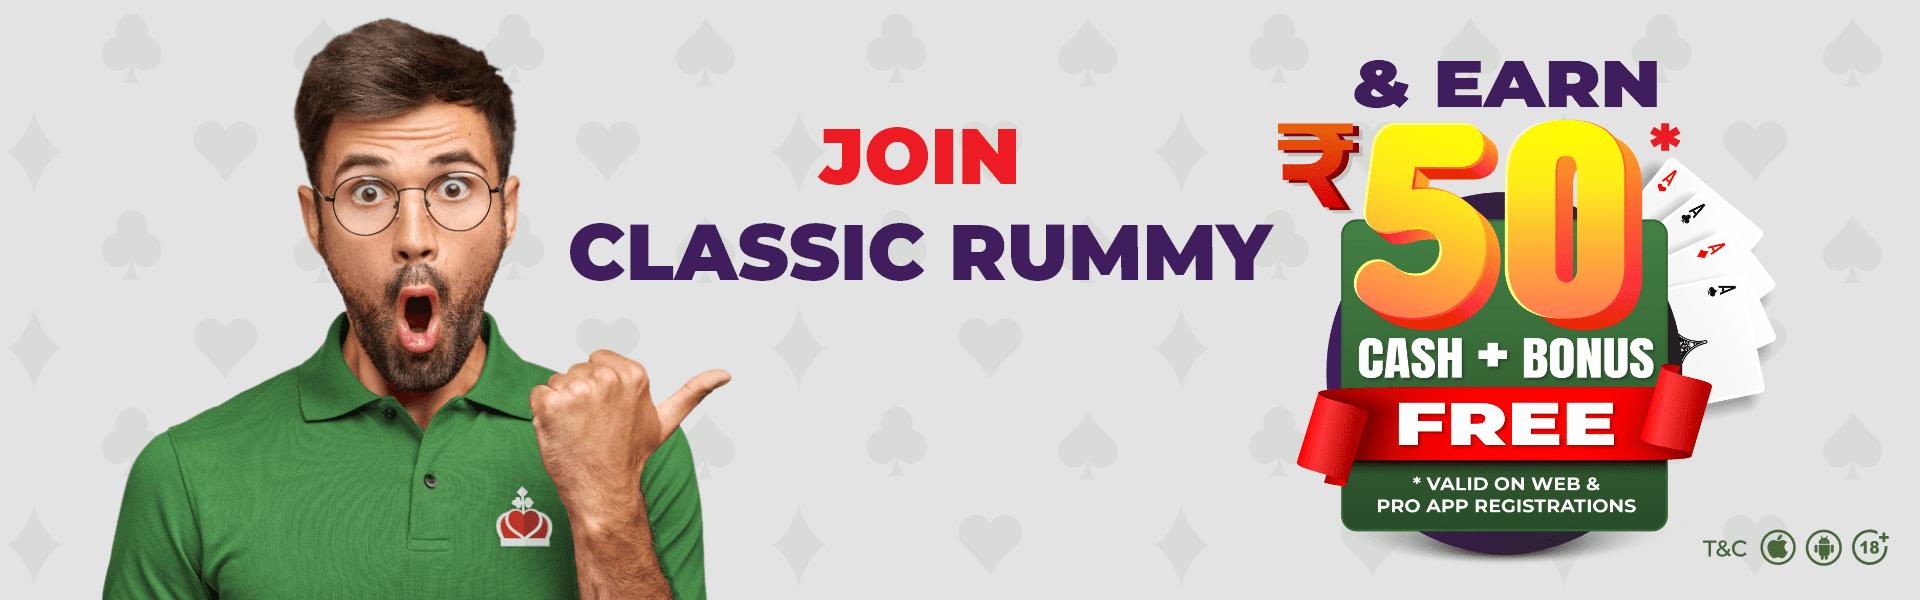 Classic Rummy Signup Bonus